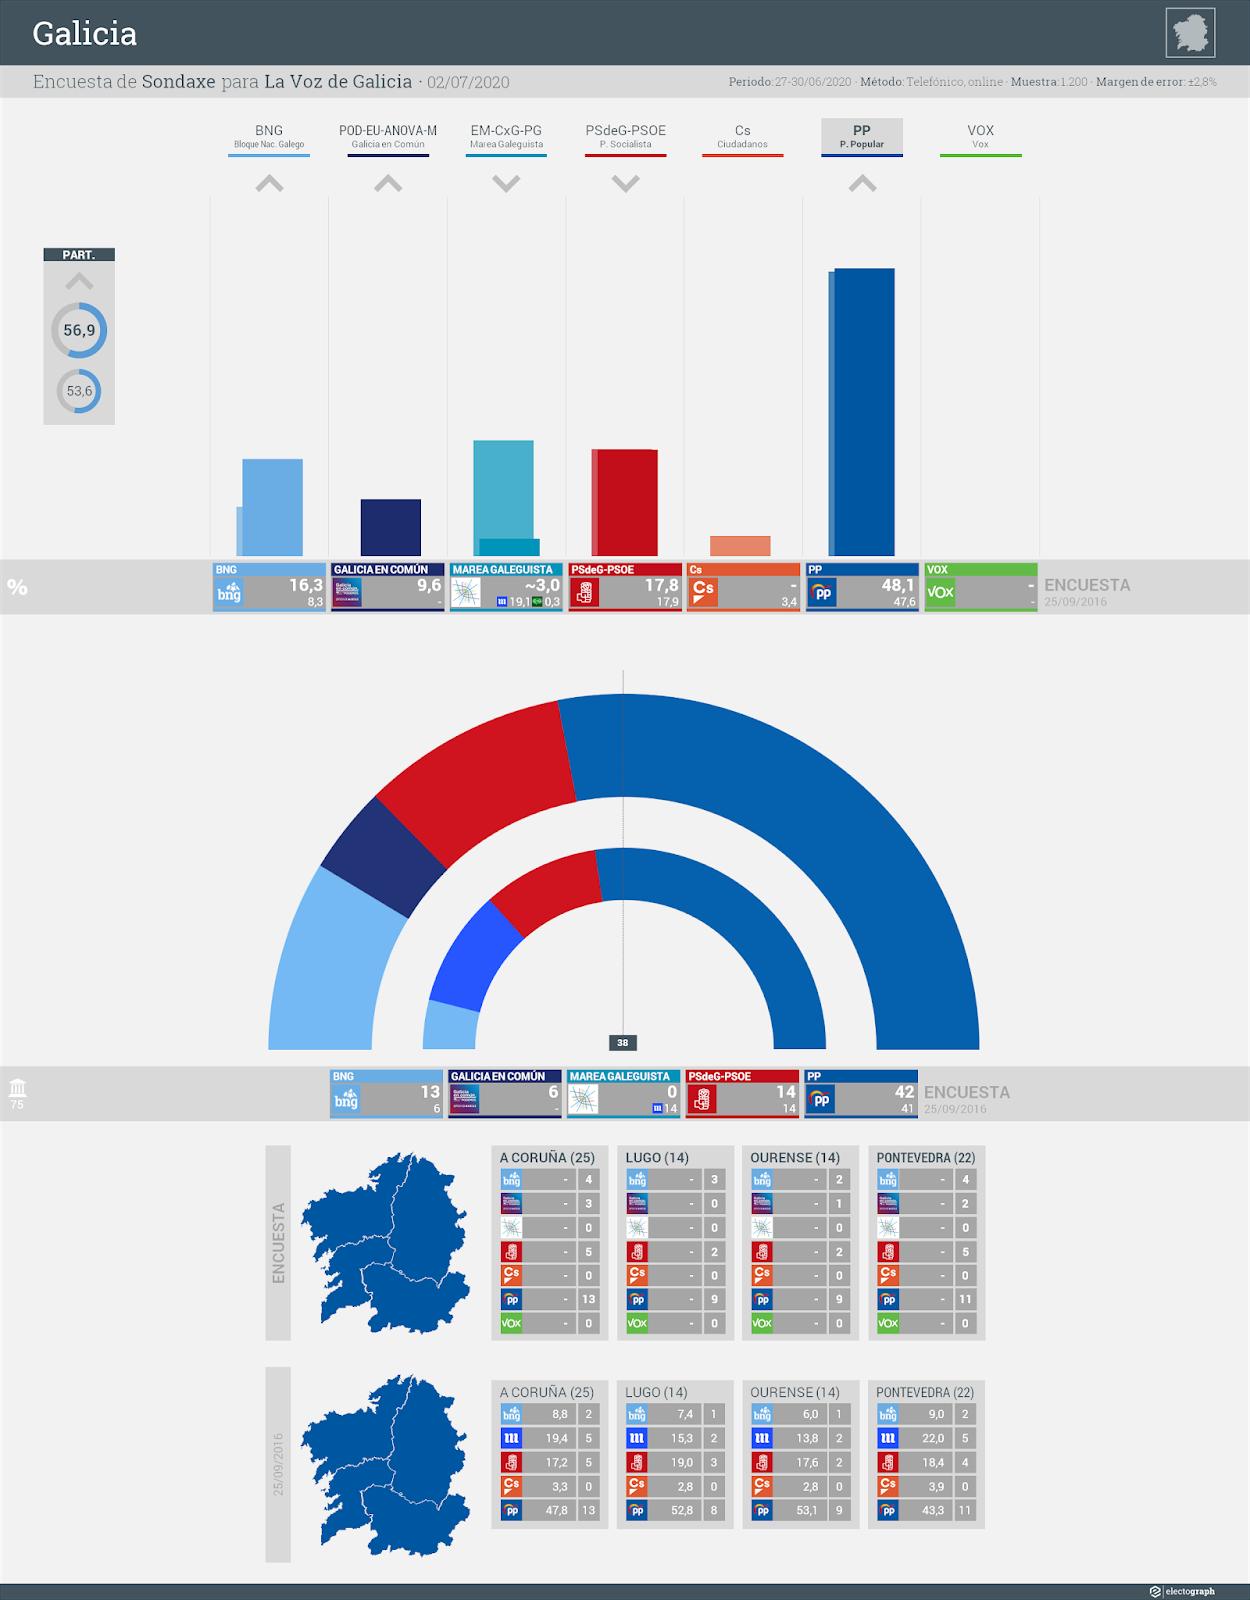 Gráfico de la encuesta para elecciones autonómicas en Galicia realizada por Sondaxe para La Voz de Galicia, 2 de julio de 2020